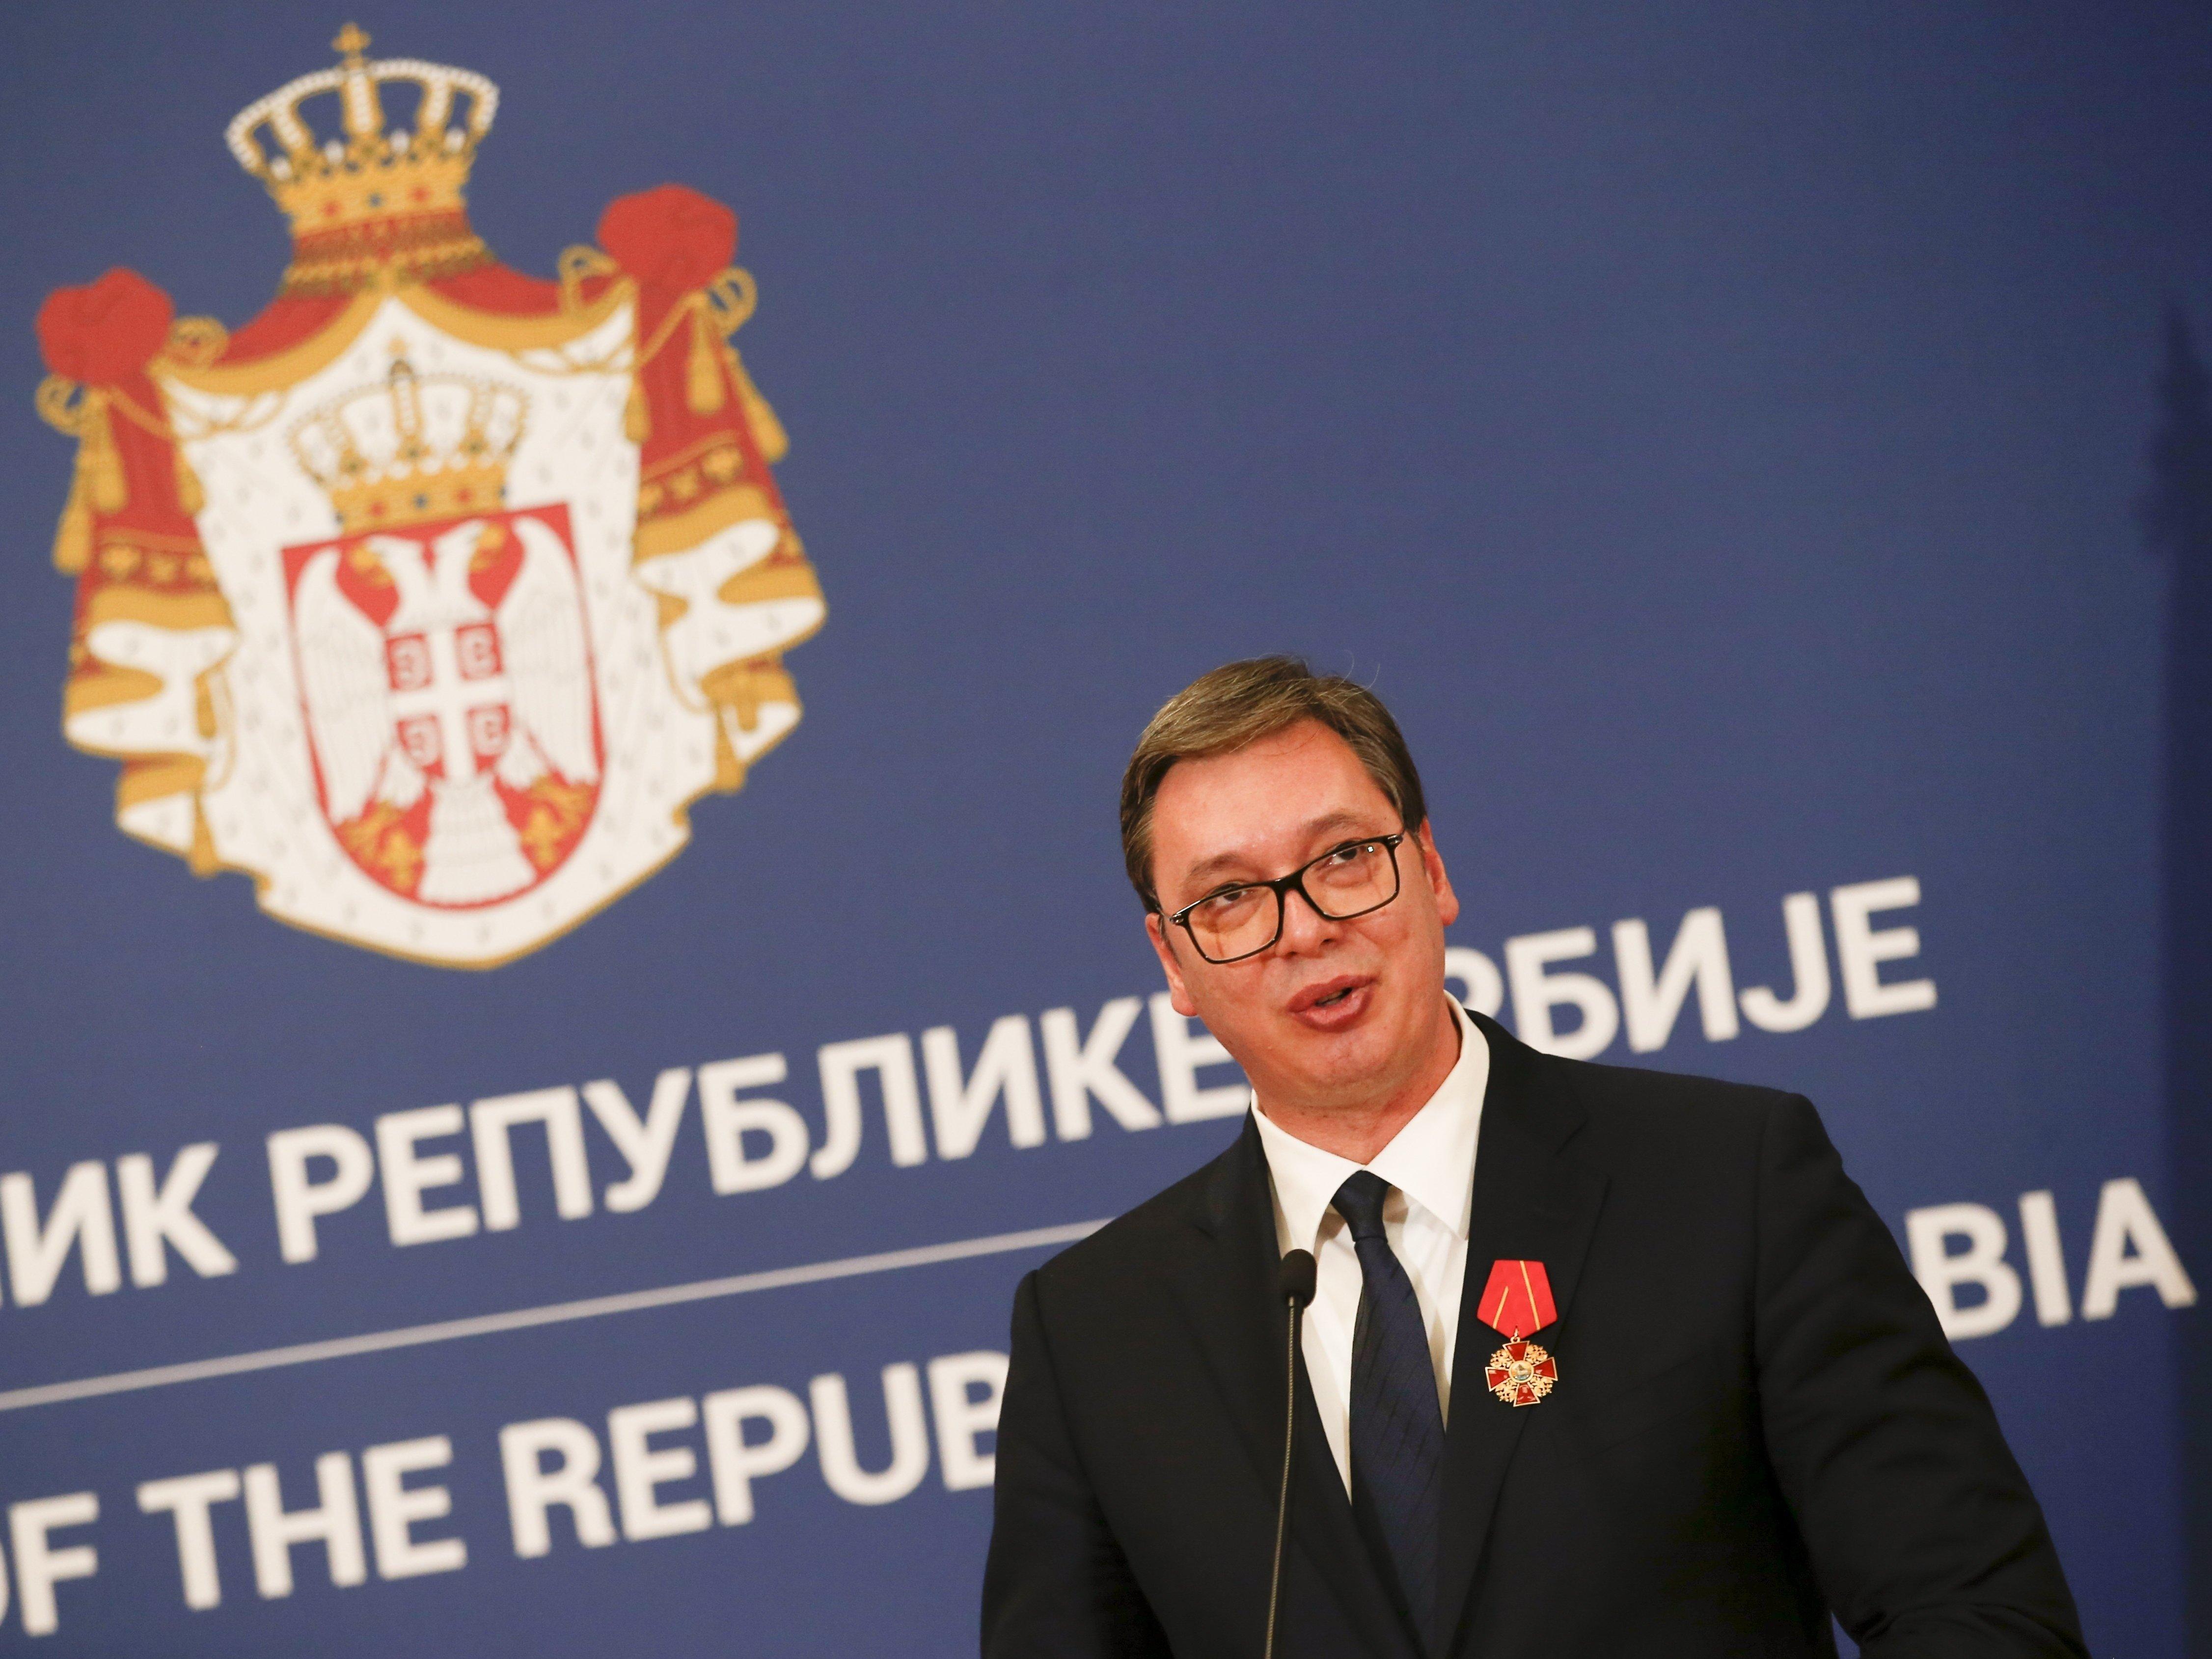 «Ναι» Βούτσιτς στην αναγνώριση του Κοσσόβου εάν υπάρξει πραγματικός